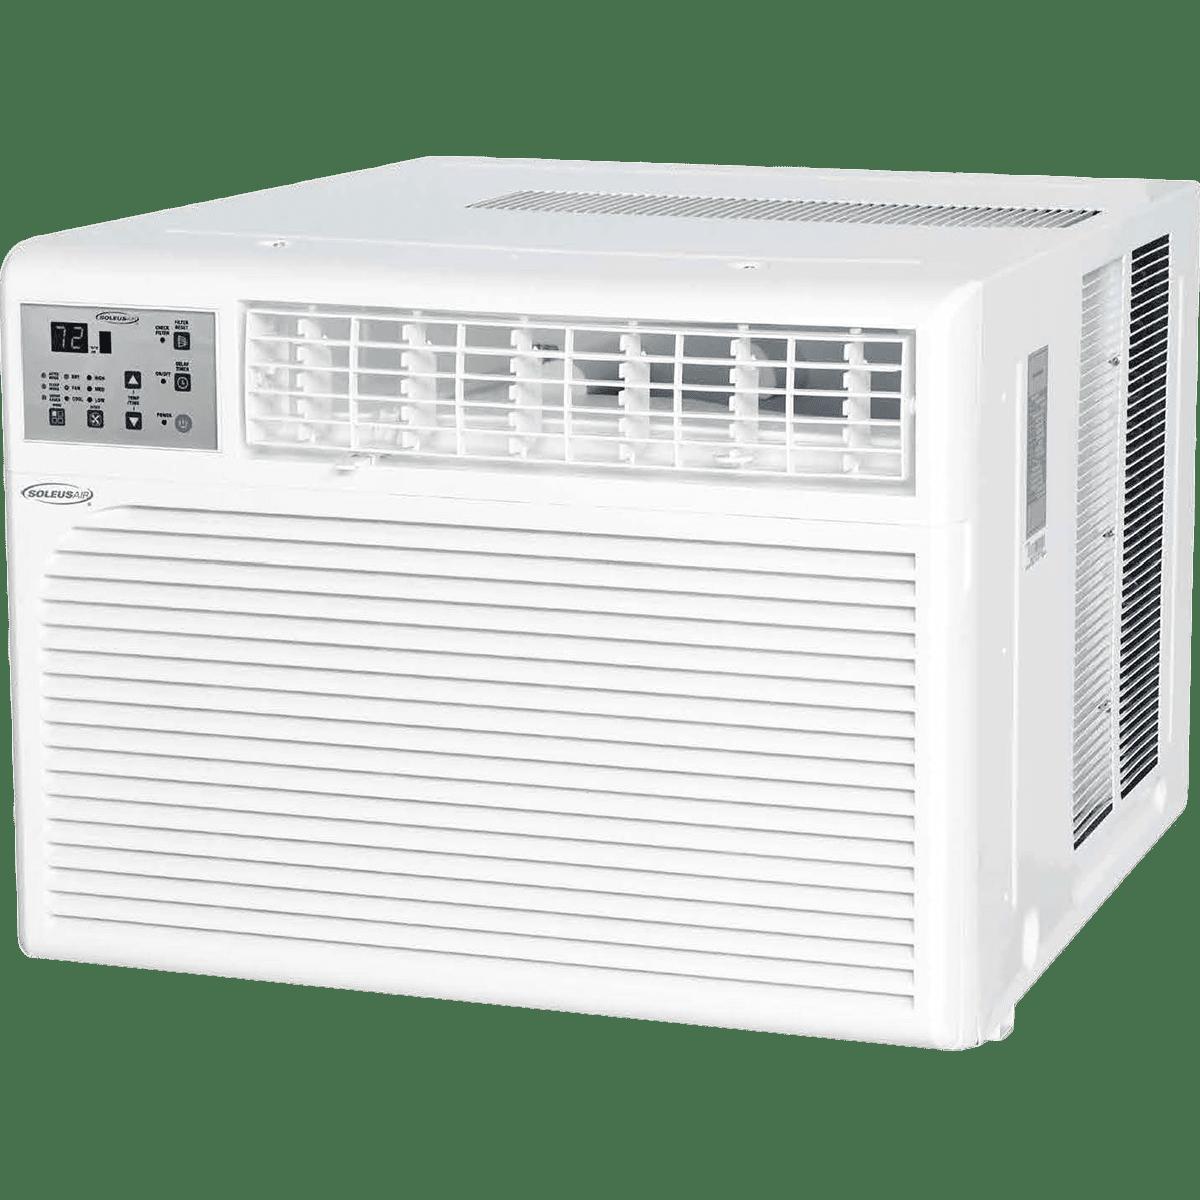 Soleus Air 12600 BTU Window Air Conditioner WS1-12E-02